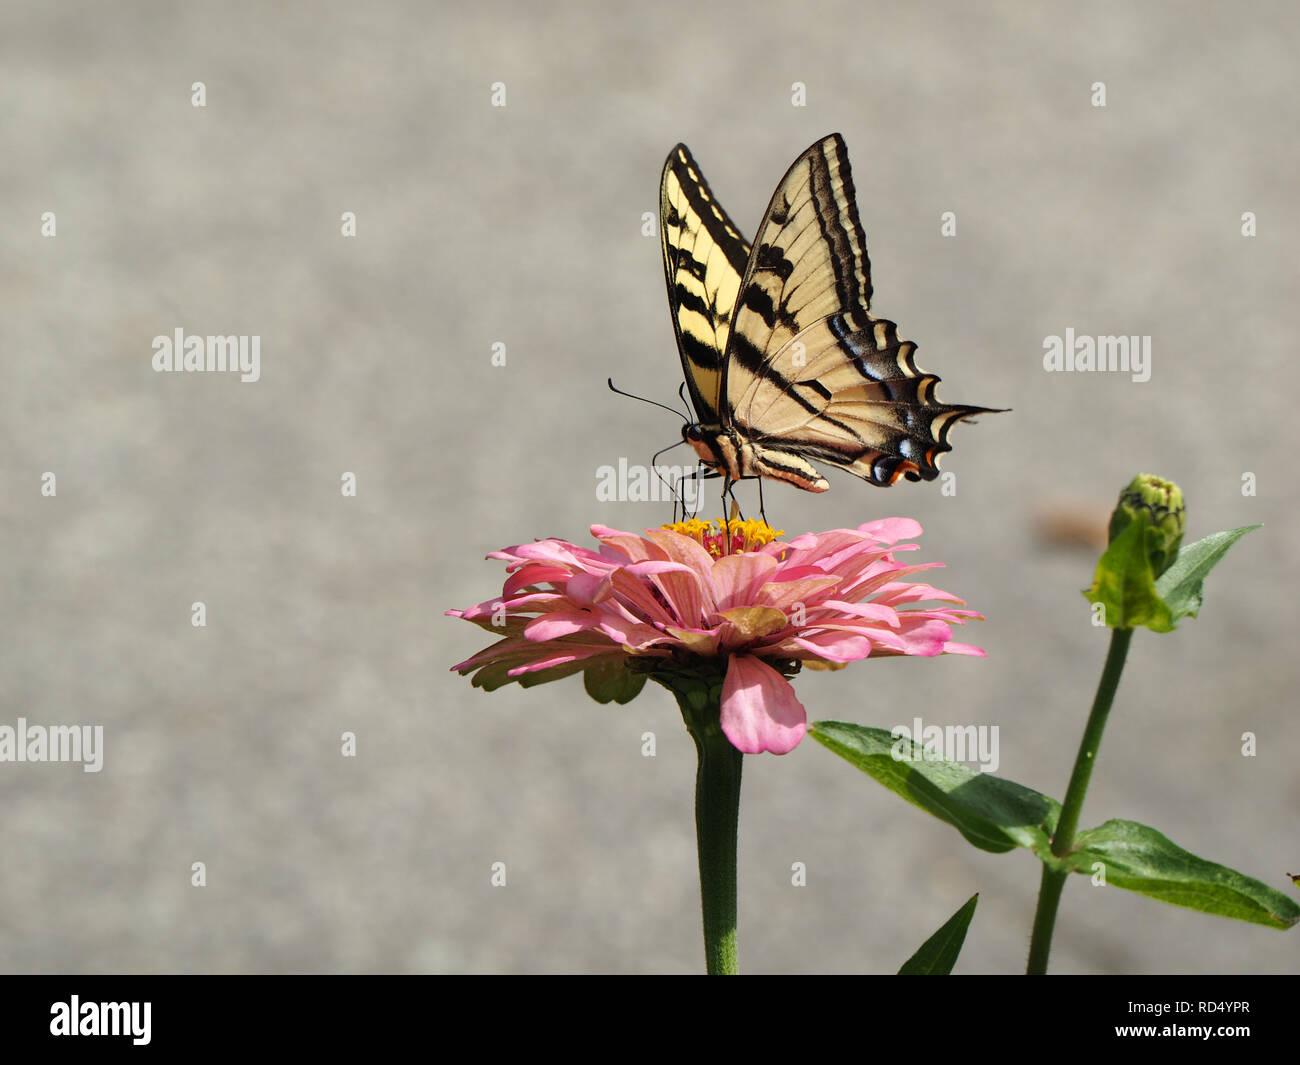 Joli papillon noir et jaune sur une fleur rose Banque D'Images